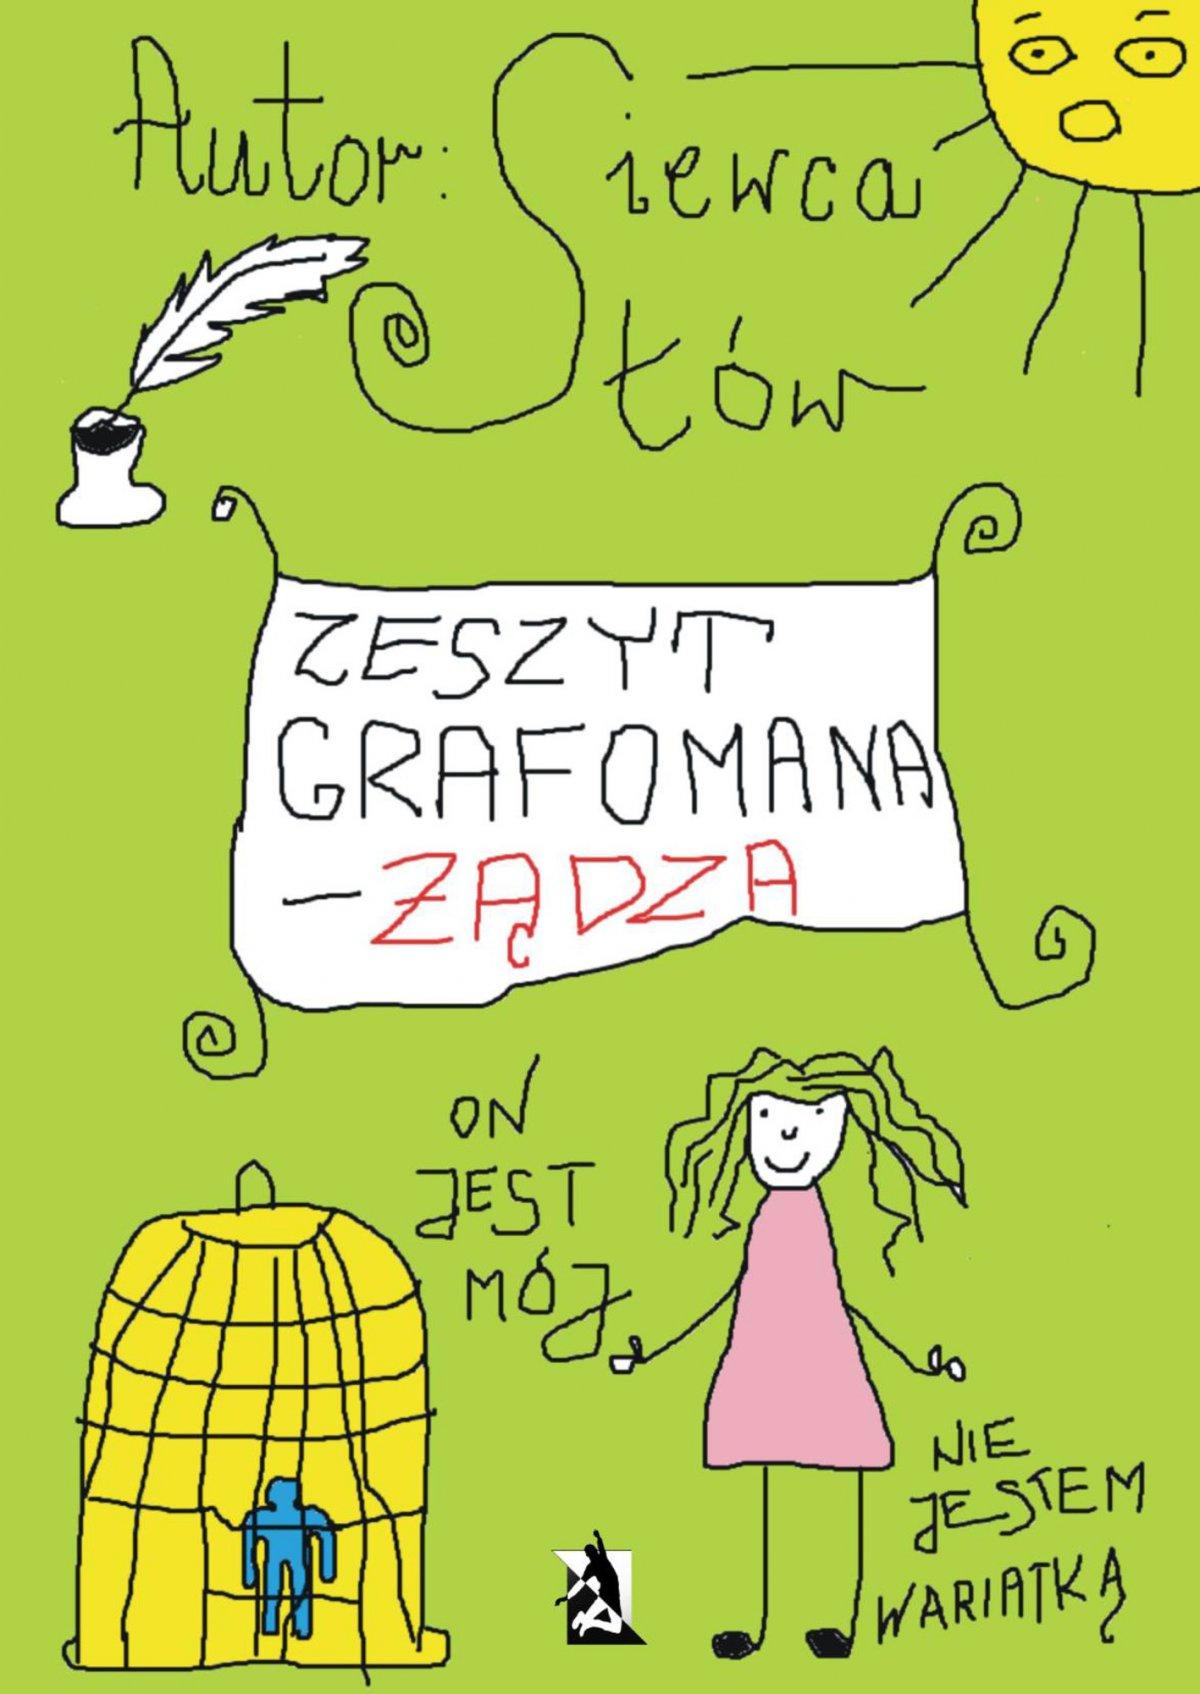 Zeszyt grafomana – żądza - Ebook (Książka na Kindle) do pobrania w formacie MOBI